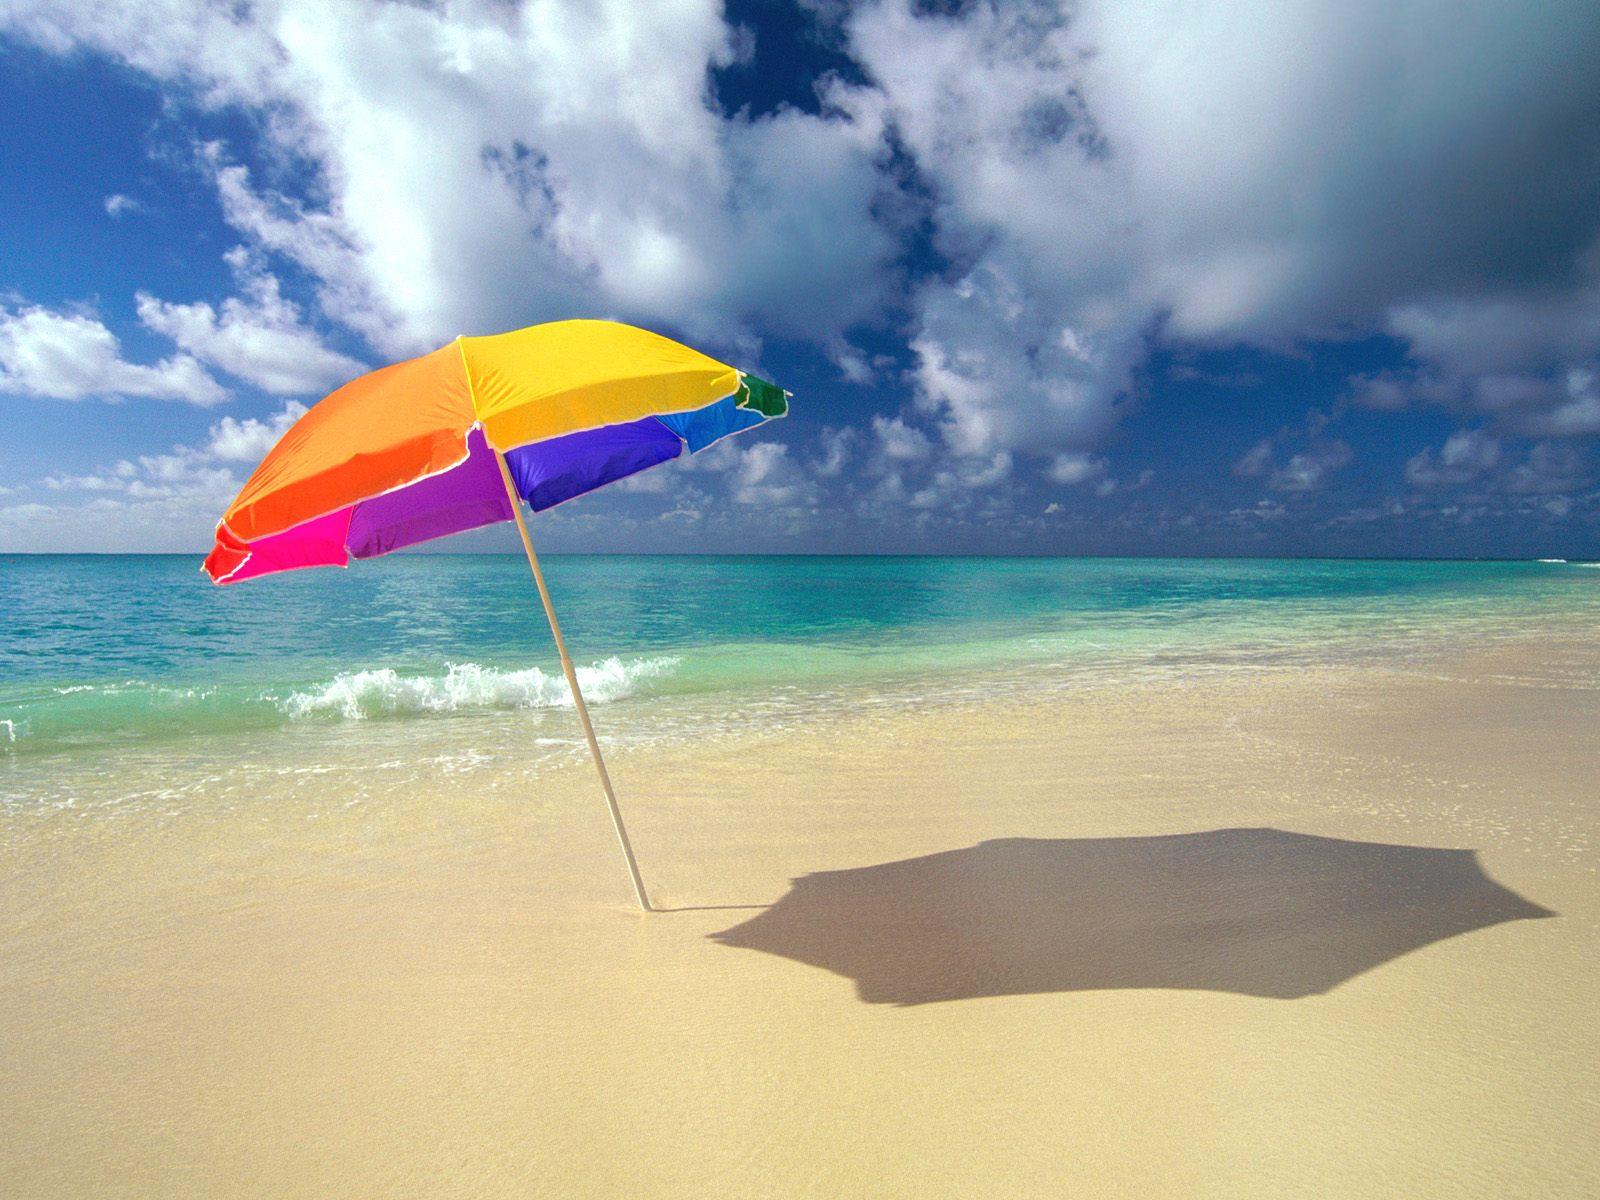 пляж, песок, грибок, зонтик, море, скачать фото, обои для рабочего стола